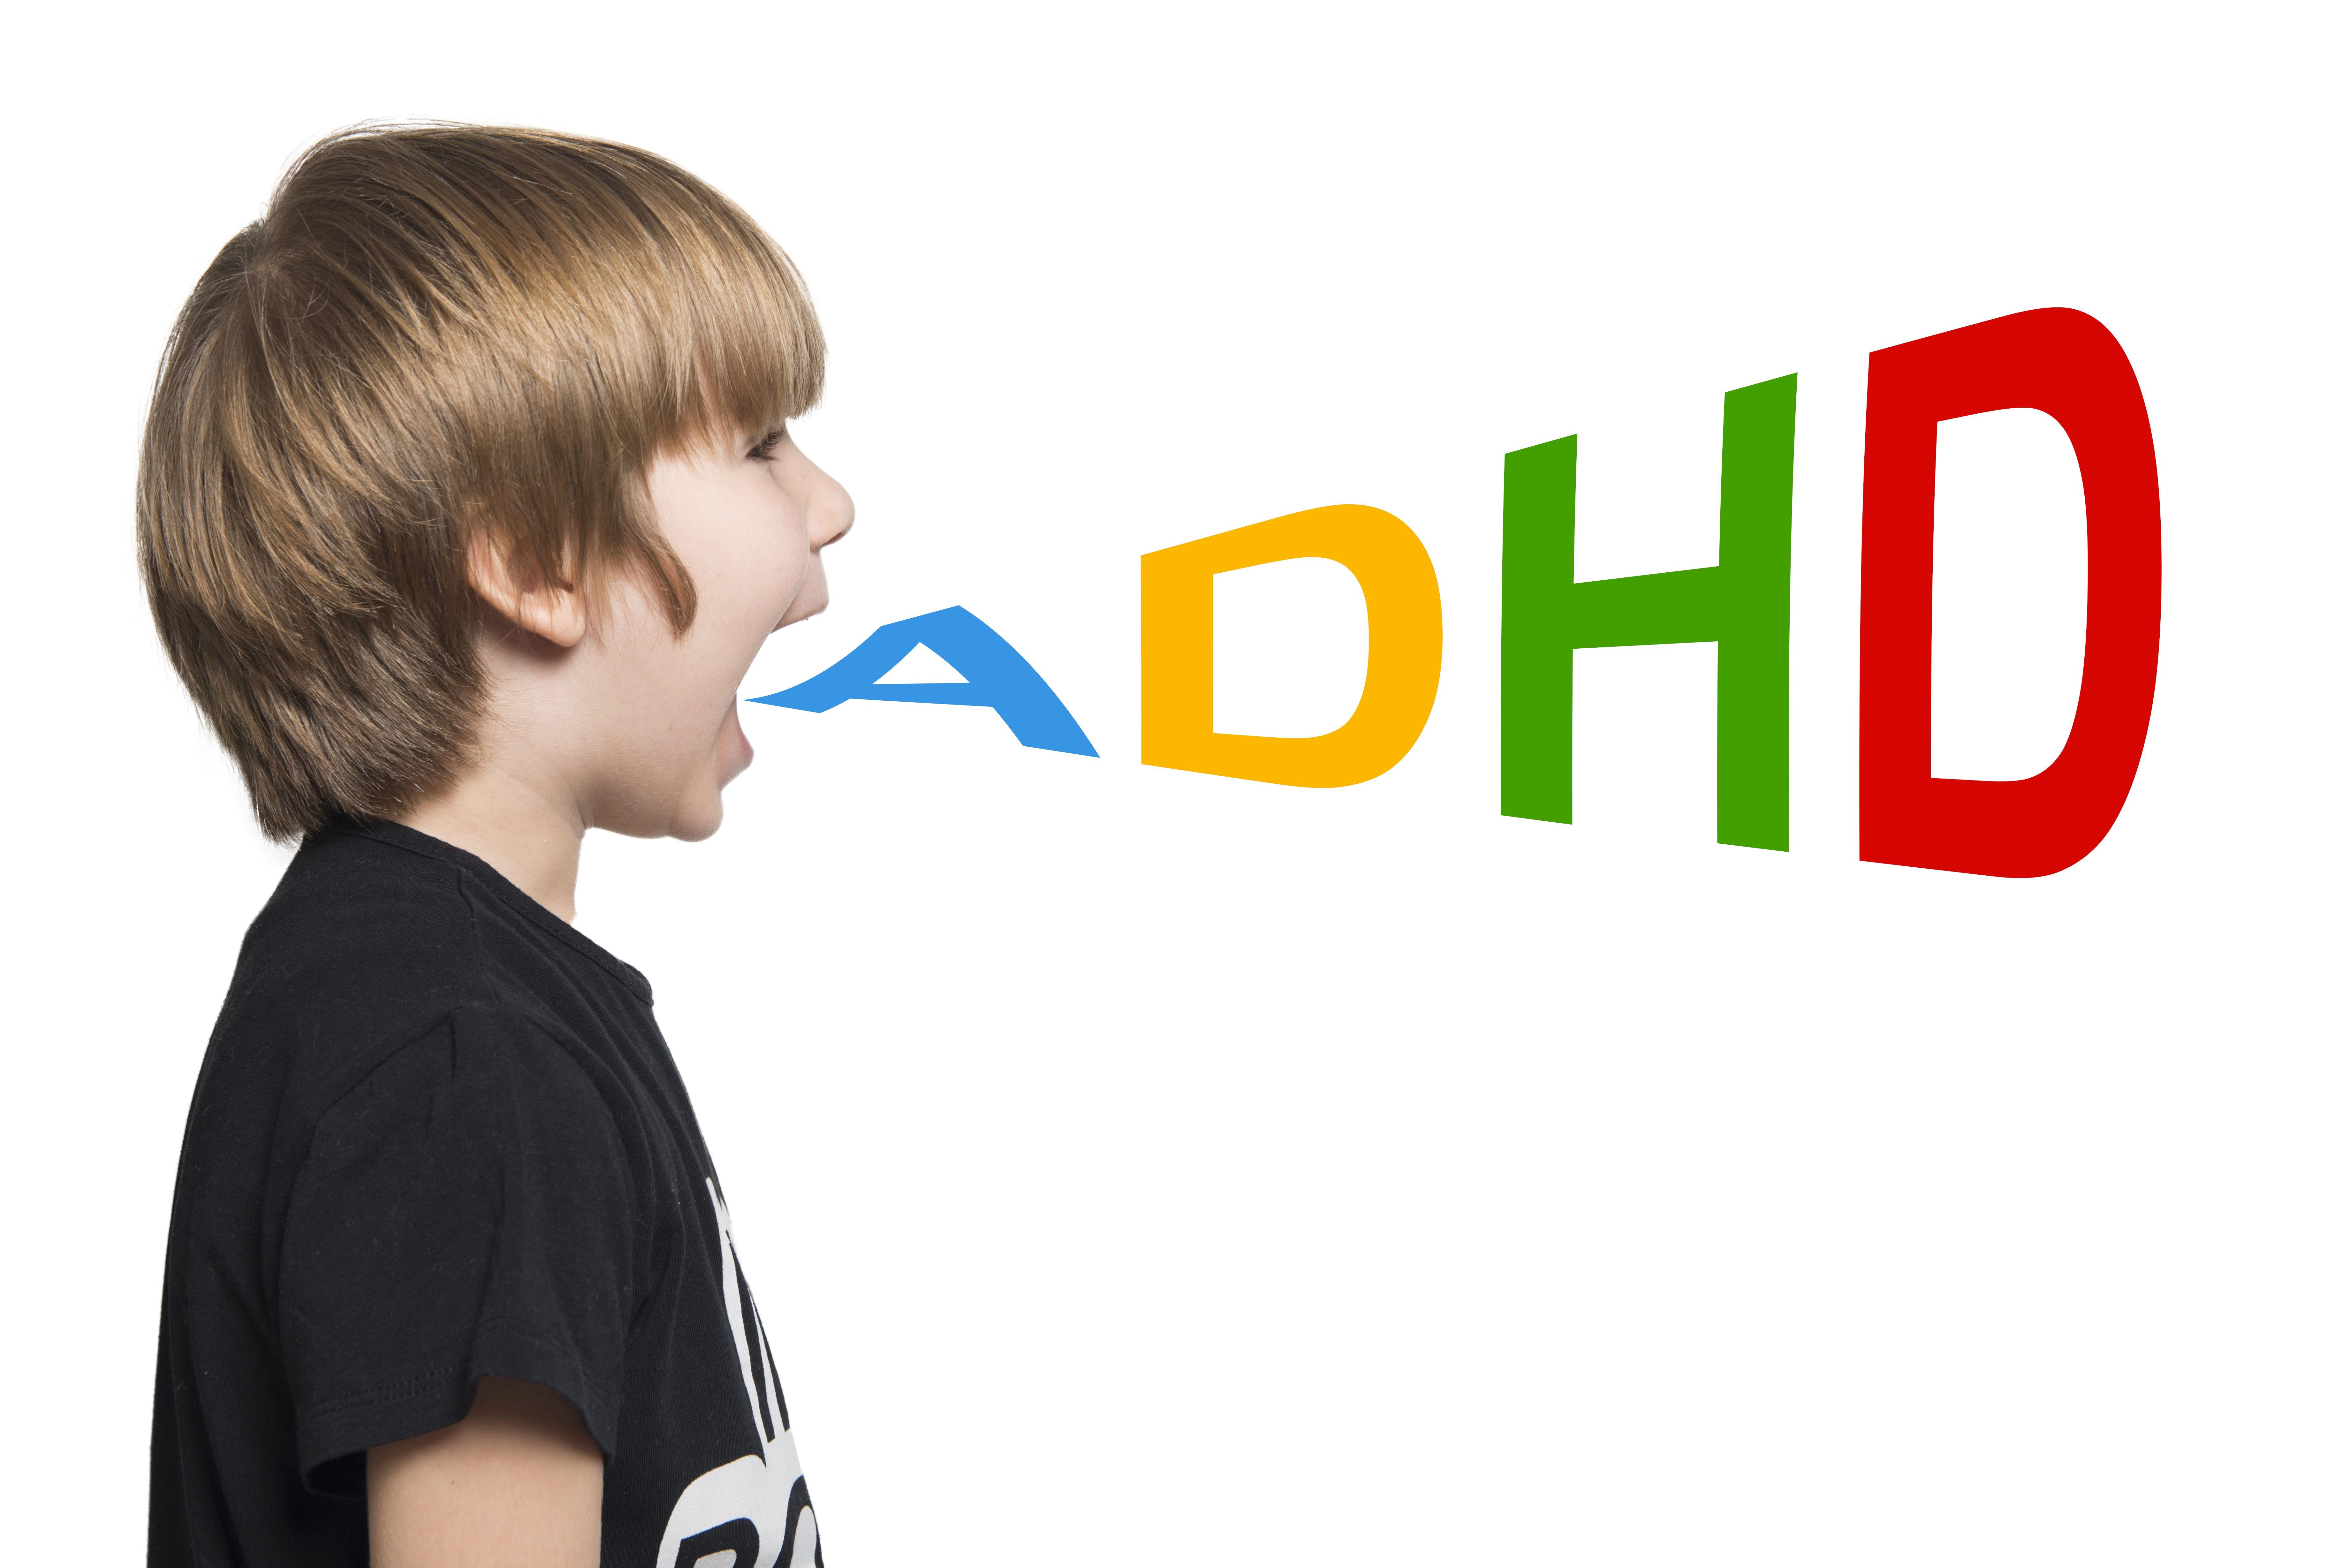 Tratamiento de problemas con el lenguaje